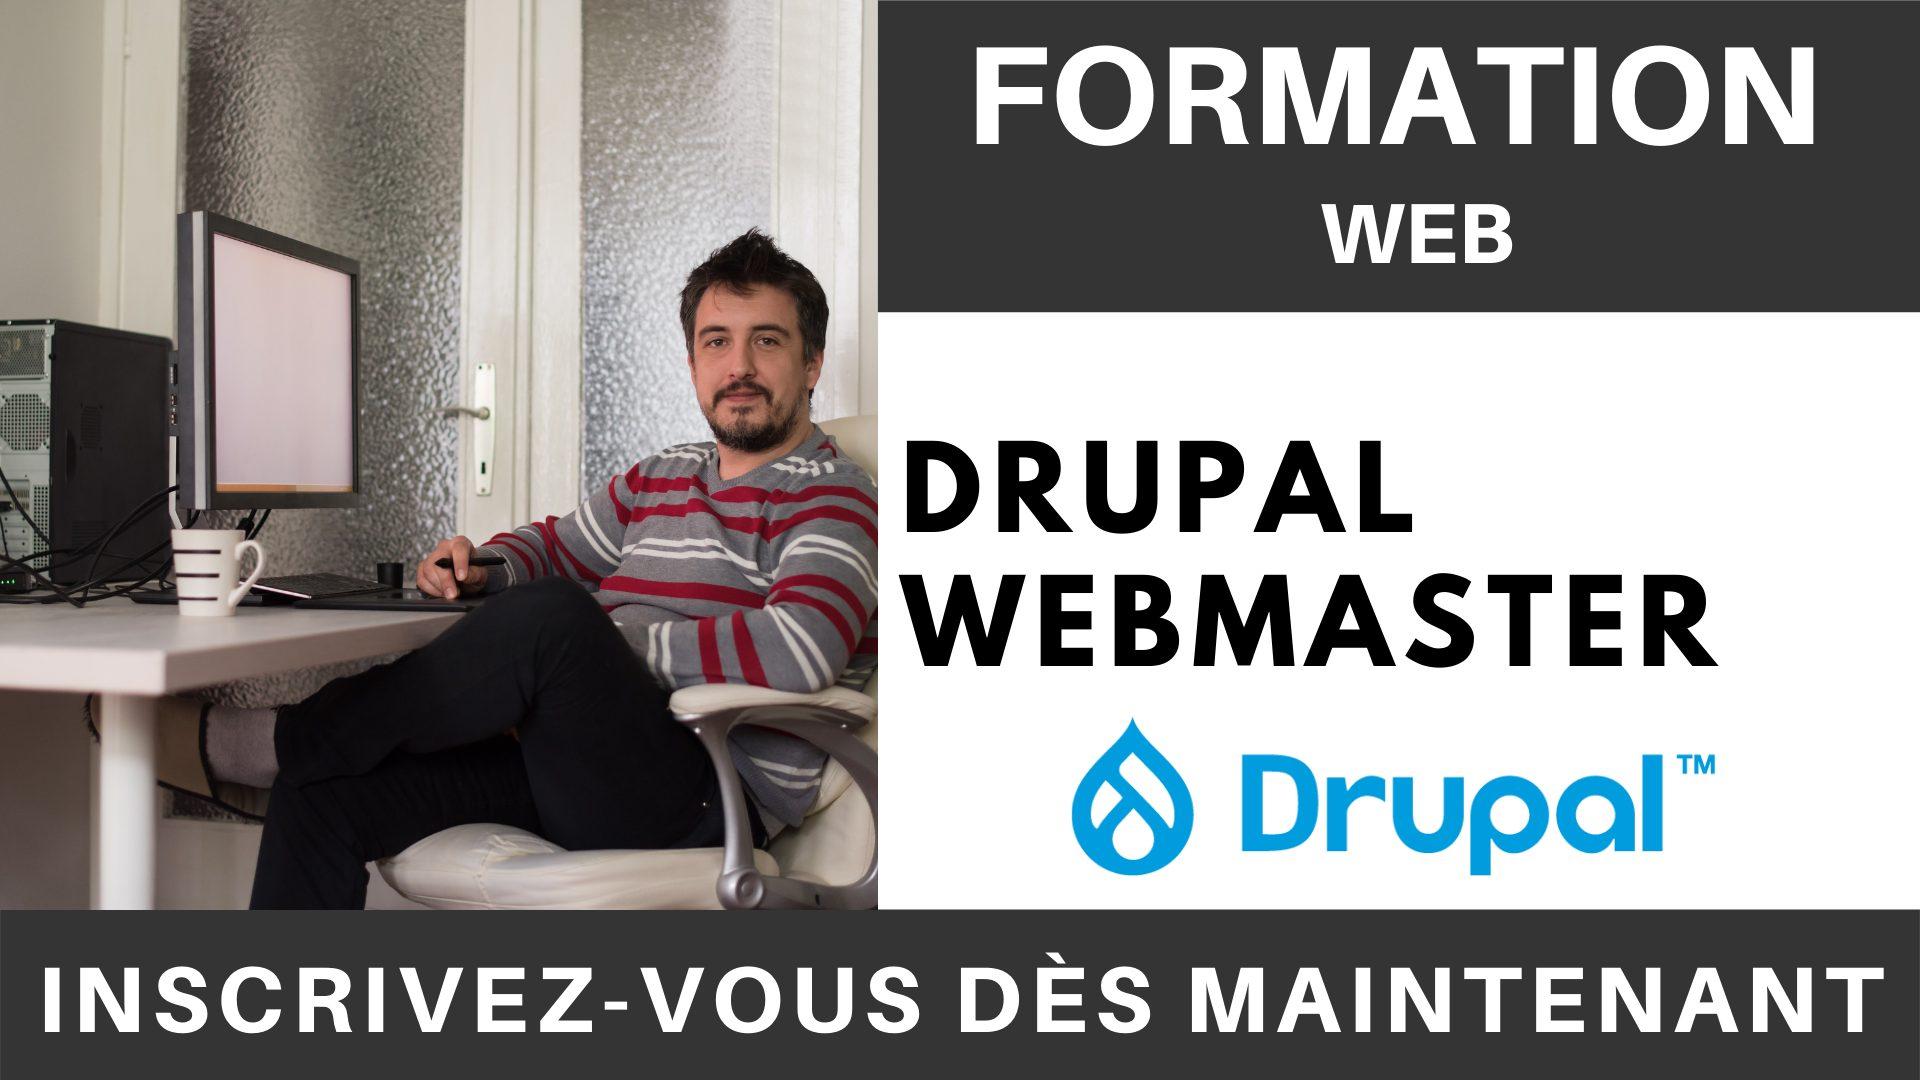 Formation WEB - Drupal Webmaster (1)